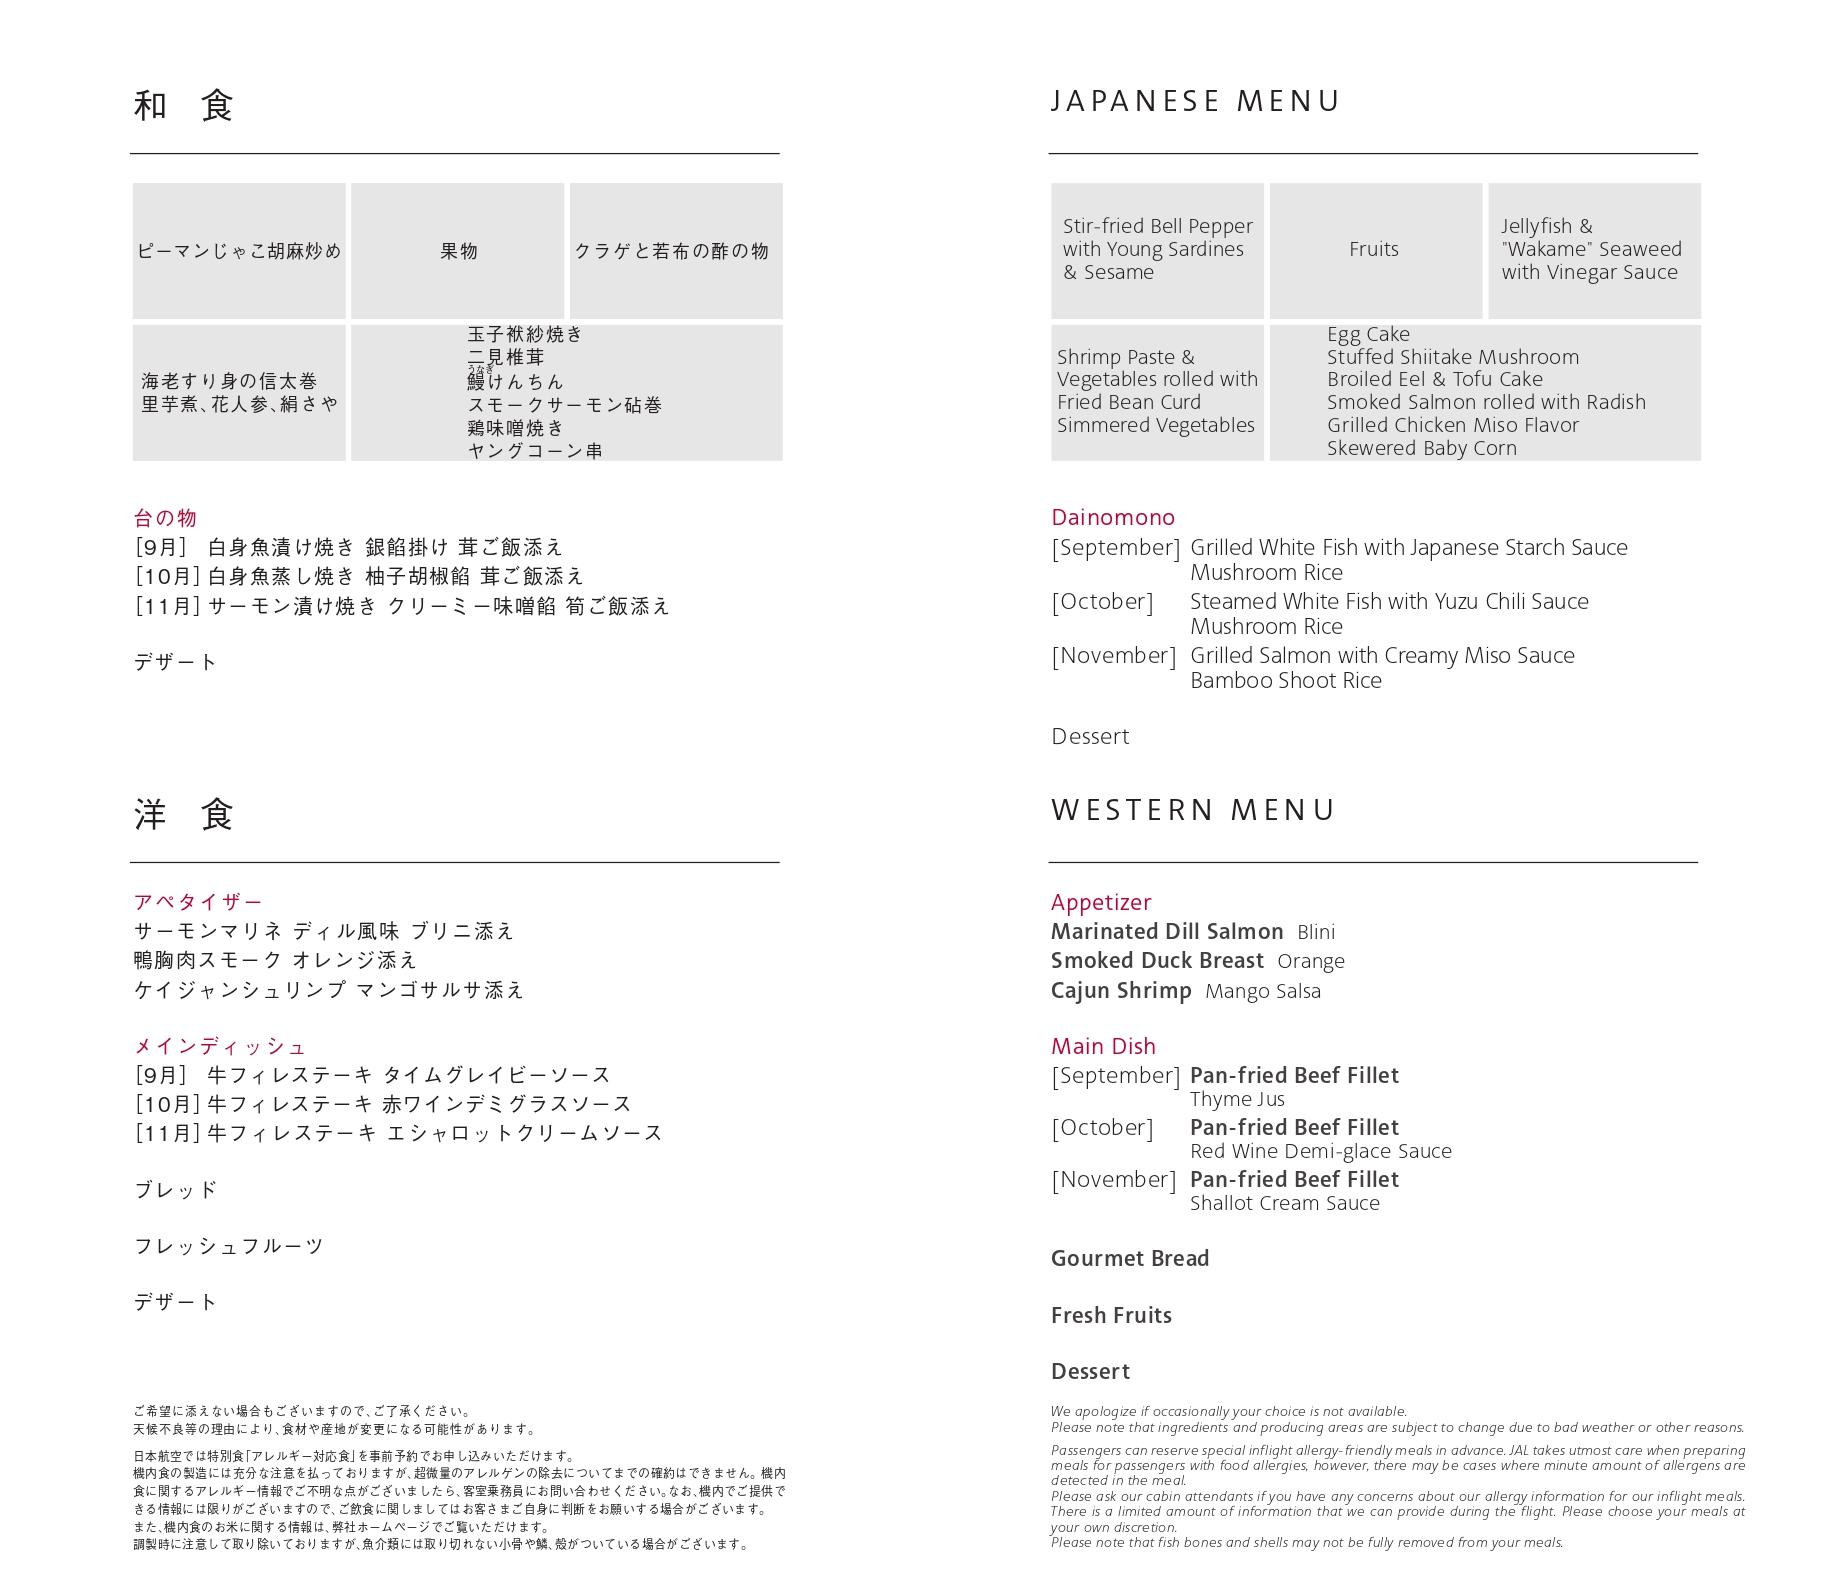 JL884 11SEP19 上海-名古屋 ビジネスクラス機内食